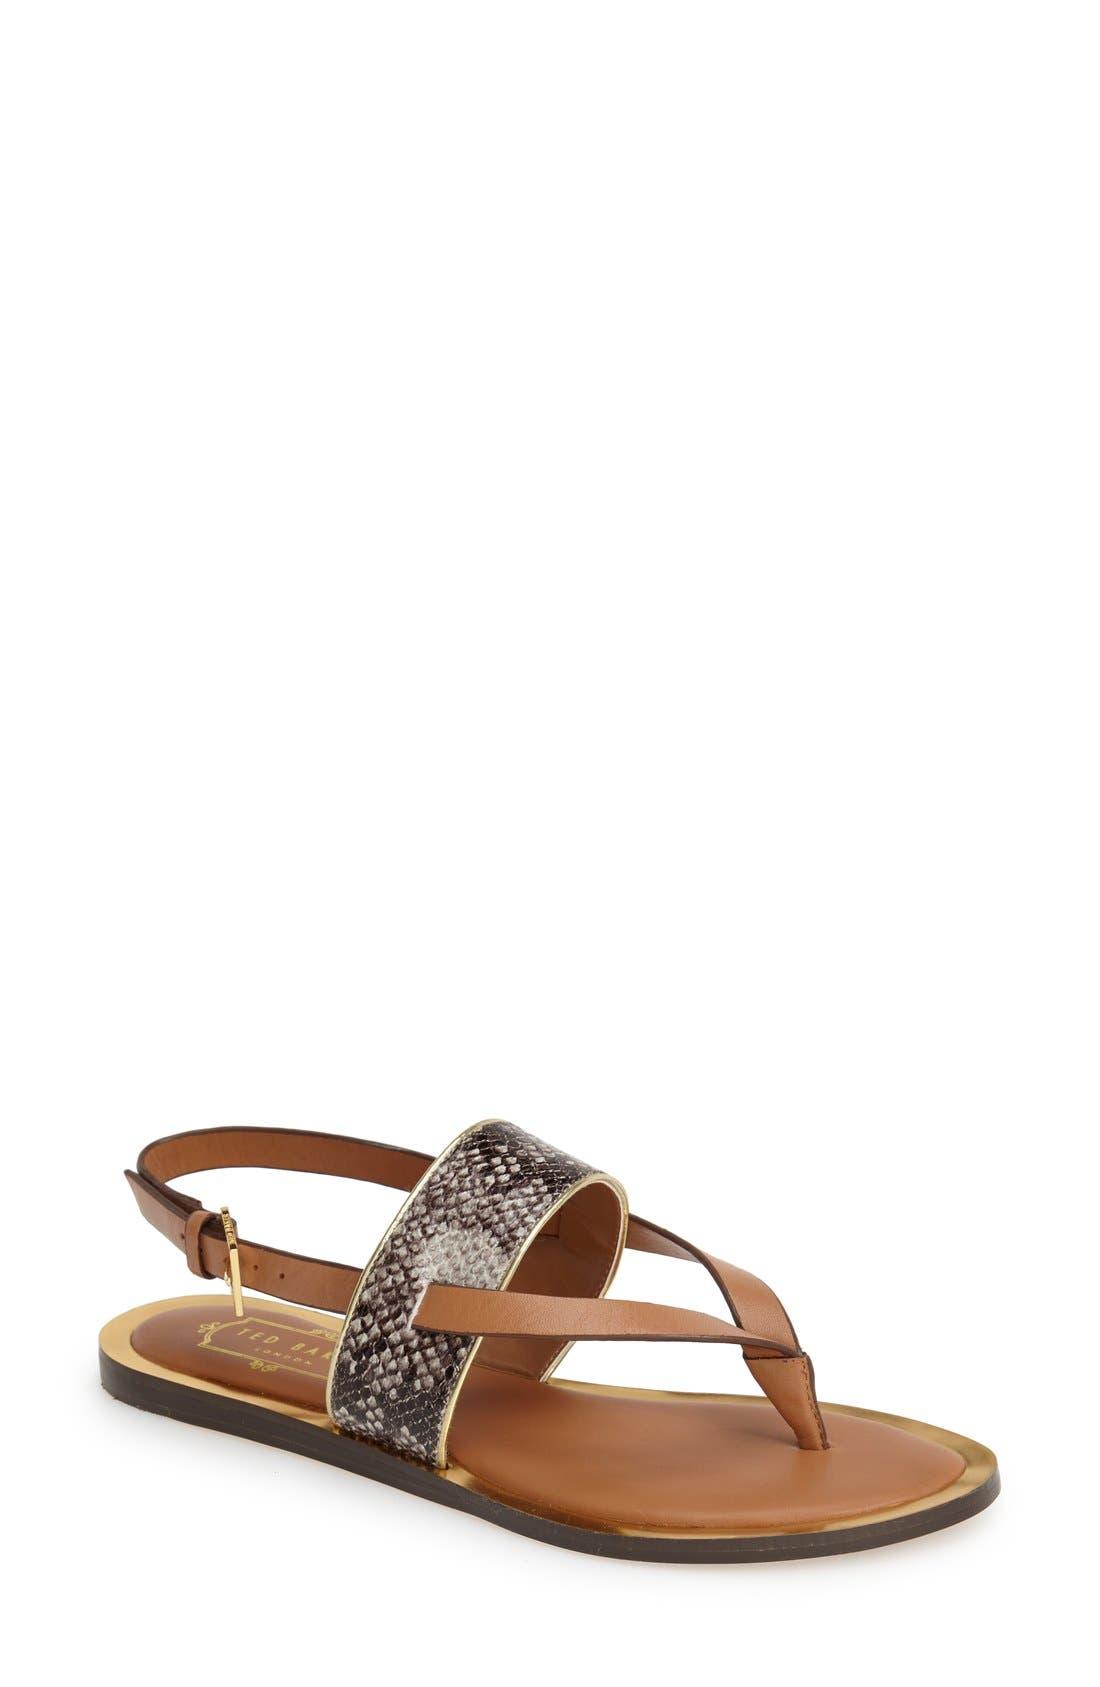 Alternate Image 1 Selected - Ted Baker London 'Dendrum' Sandal (Women)